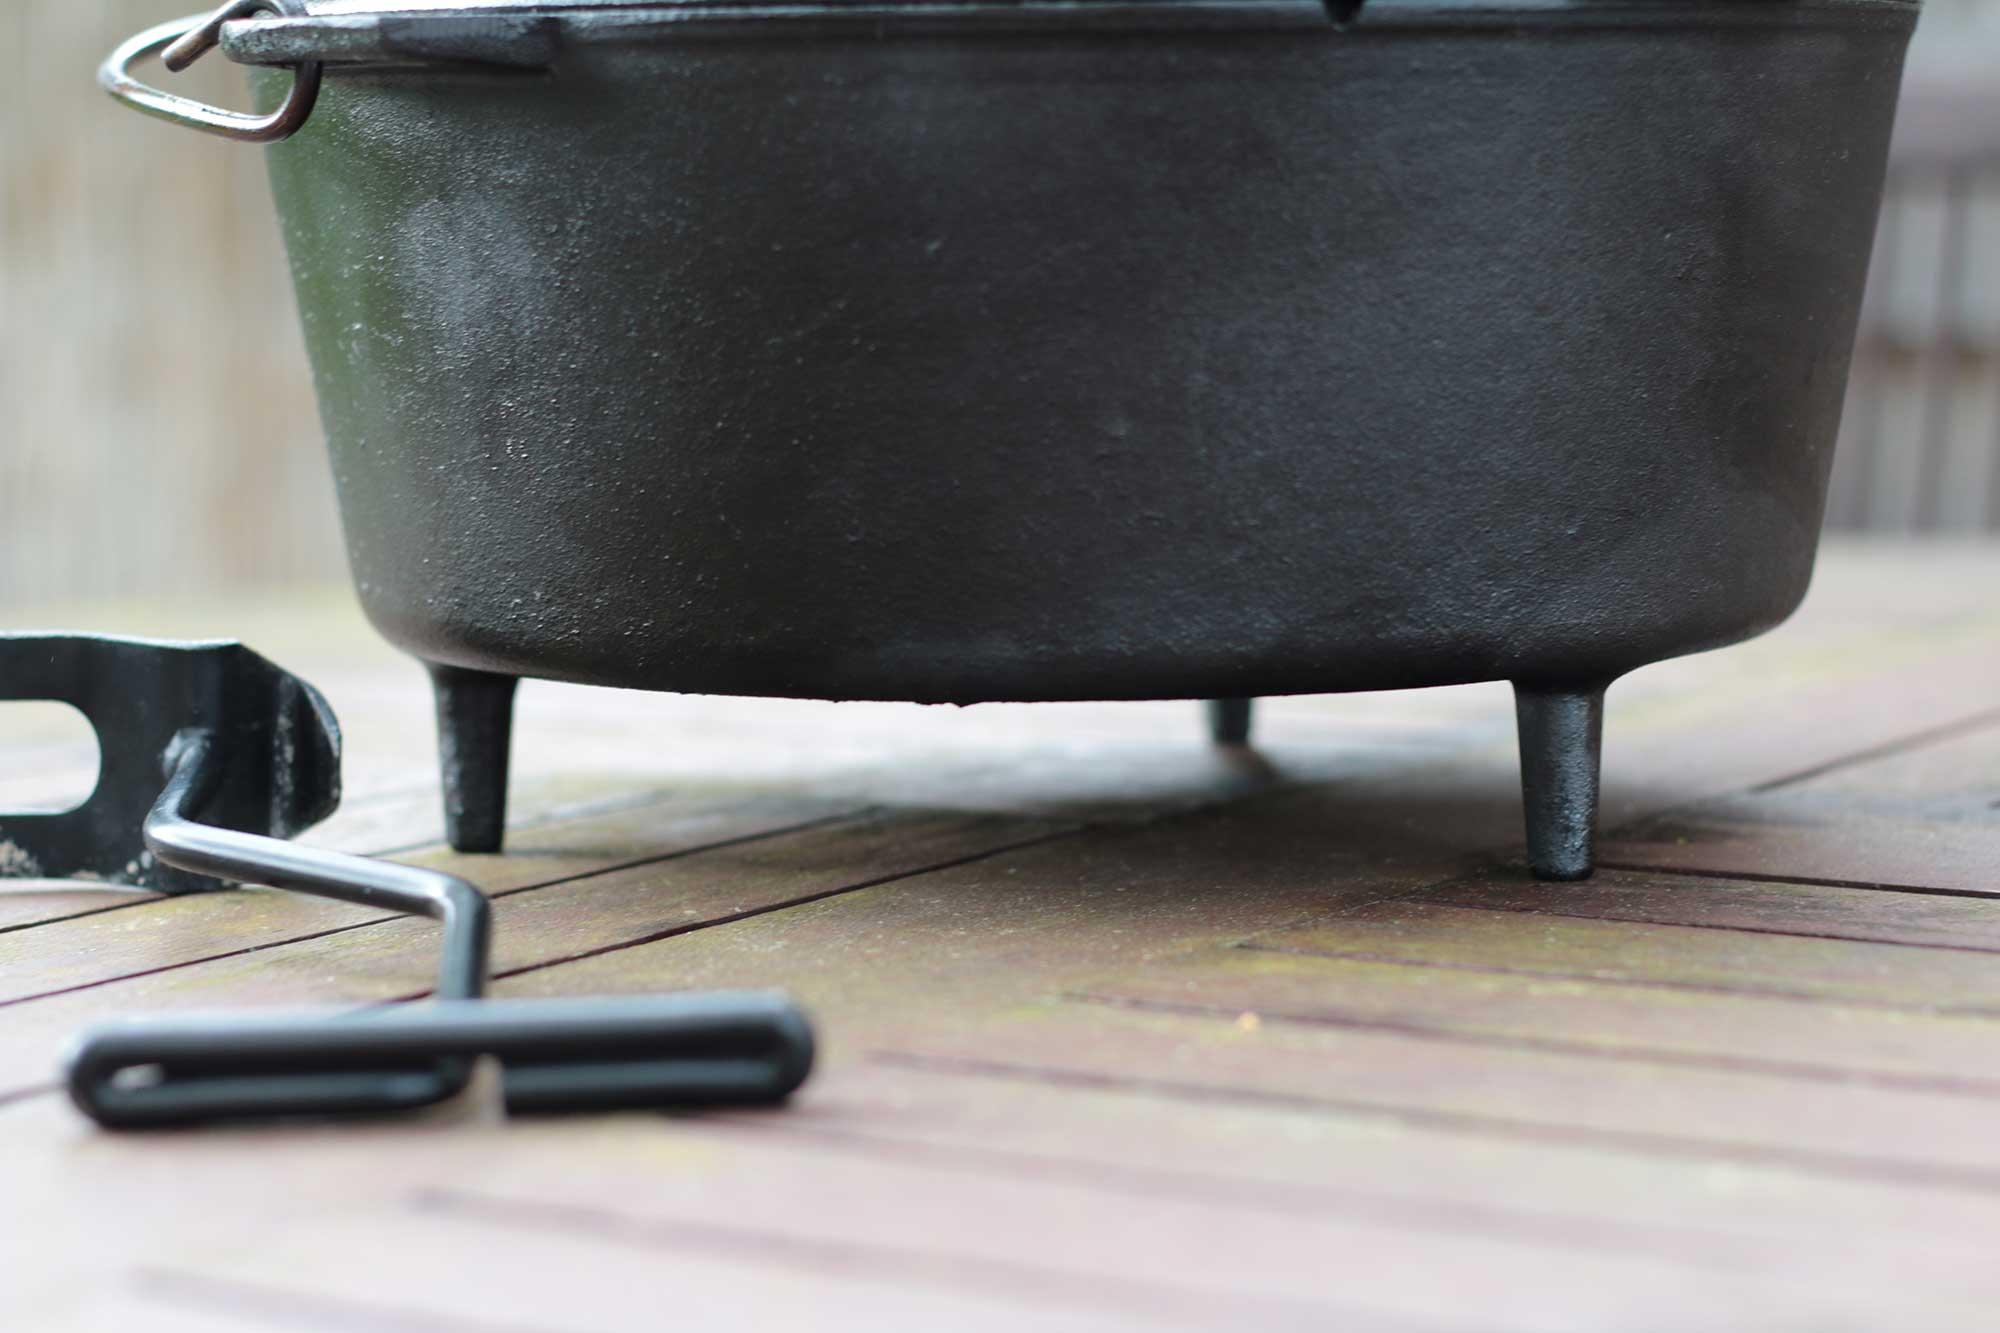 Weber Elektrogrill Einbrennen : Vorstellung weber pulse elektrogrill bbqlicate grill